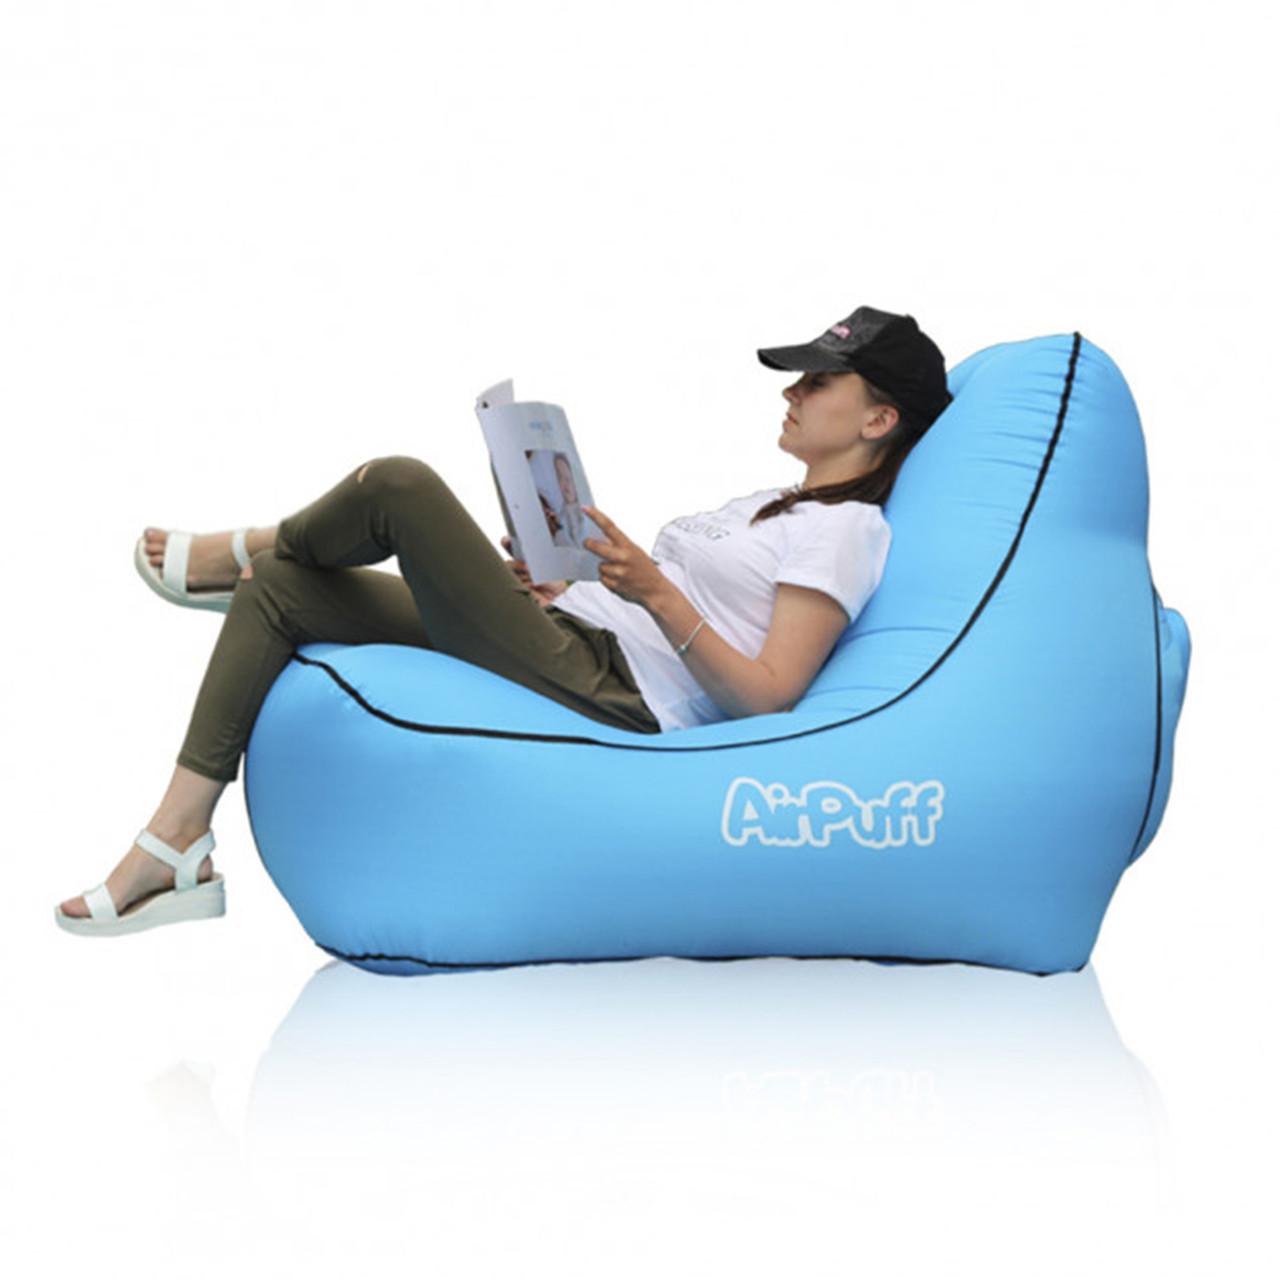 Надувной кресло лежак AirPuff,  для отдыха на природе и пляже (Blue)